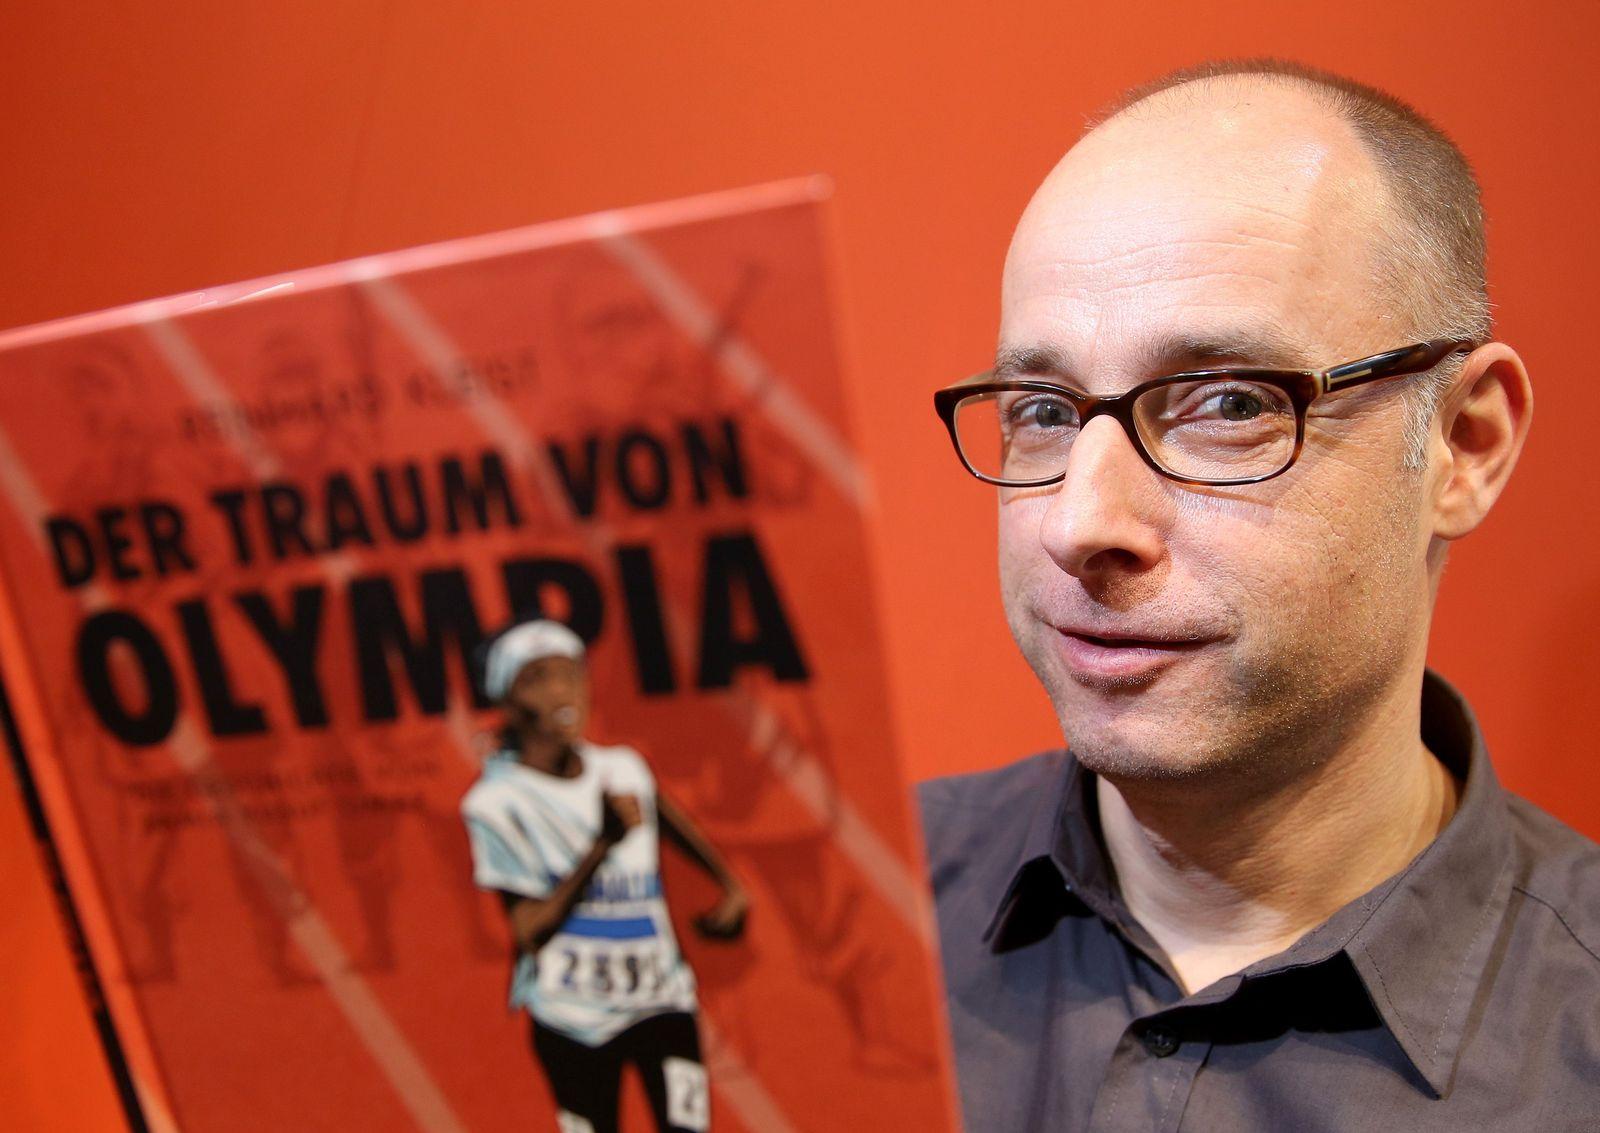 Reinhard Kleist